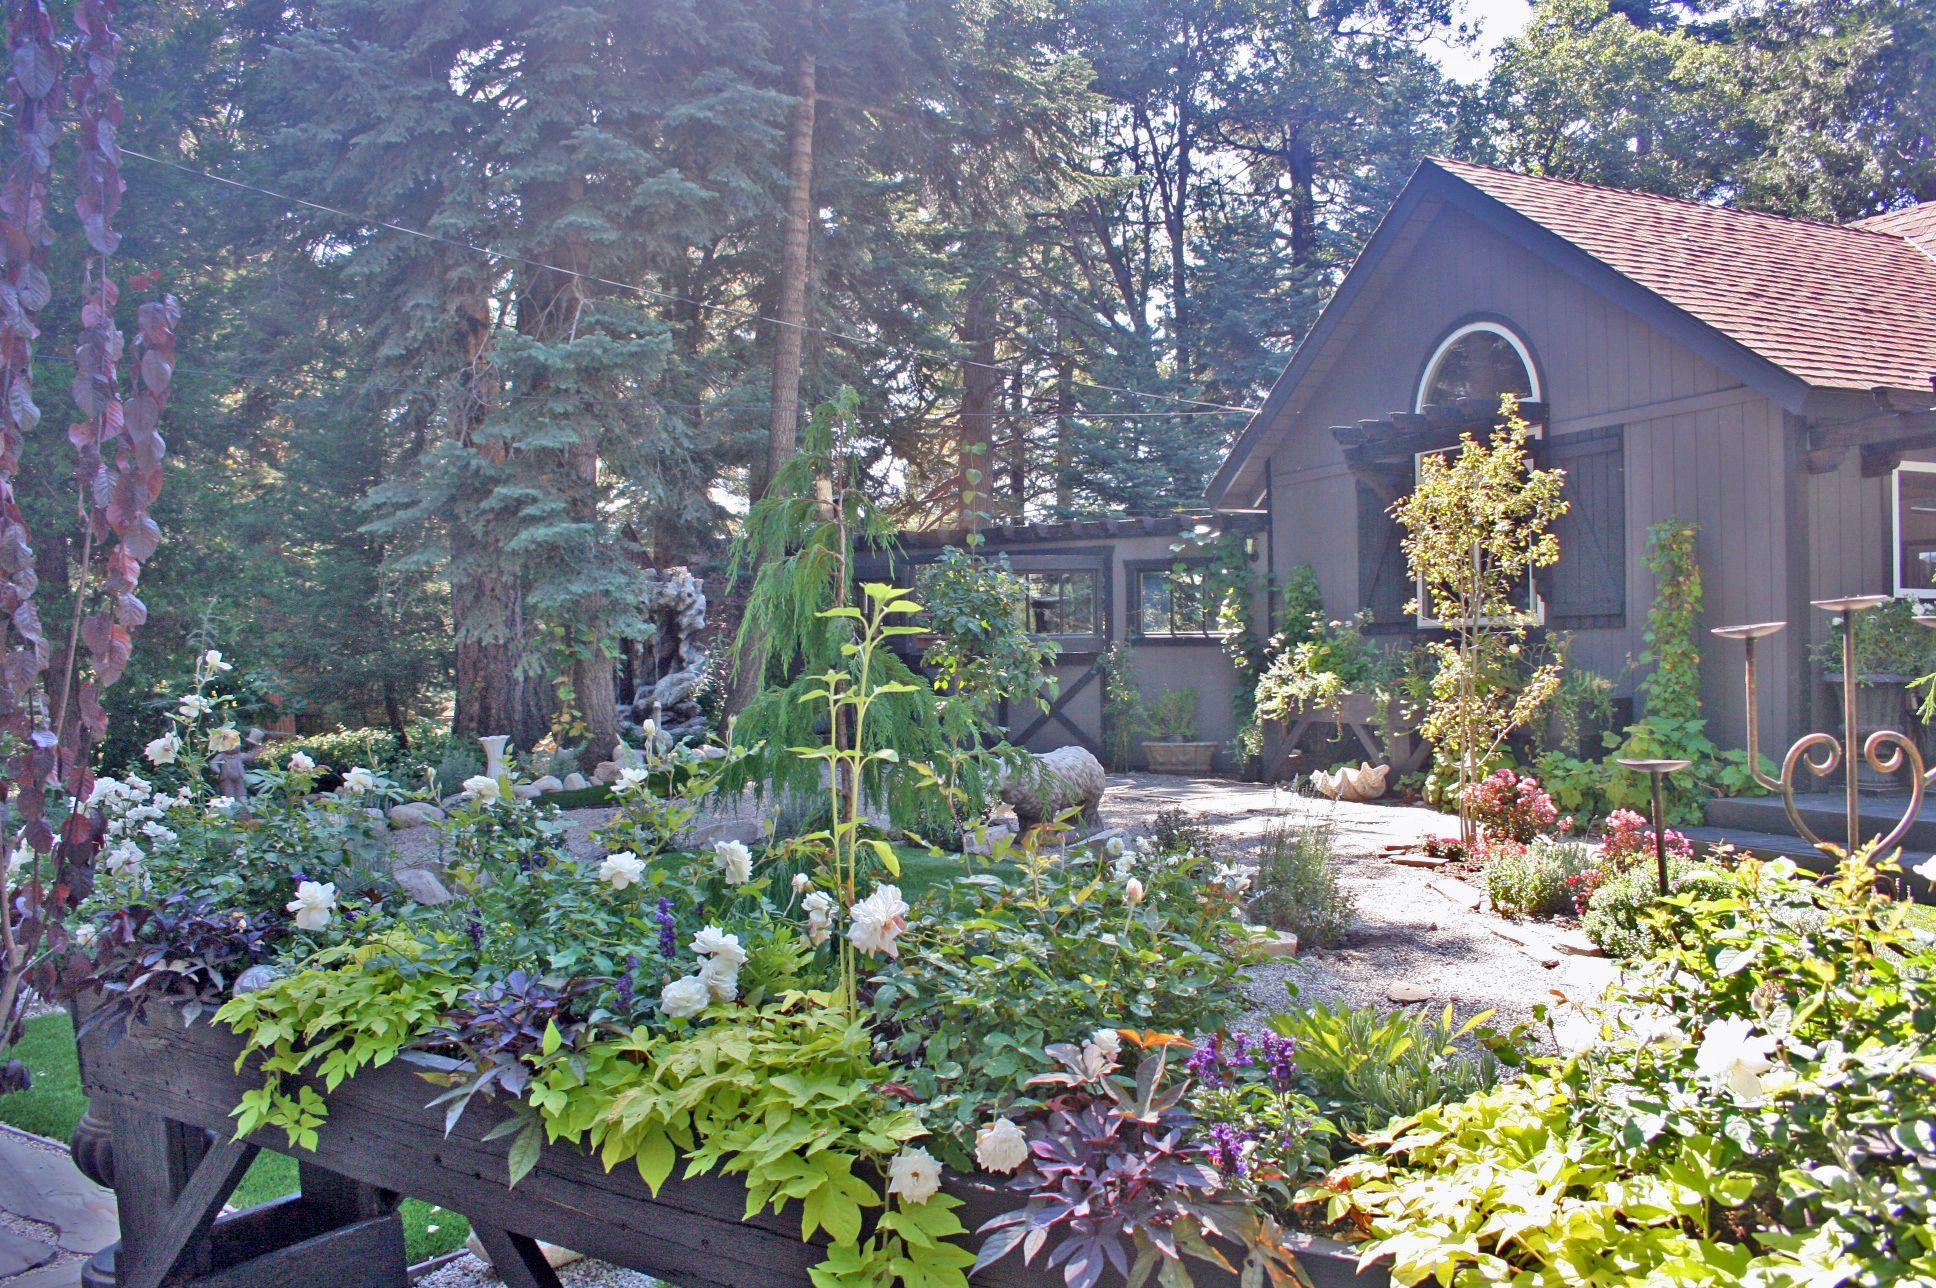 879d2ff3e2a332195be82819e7b68798 - Collin County Master Gardeners Garden Show